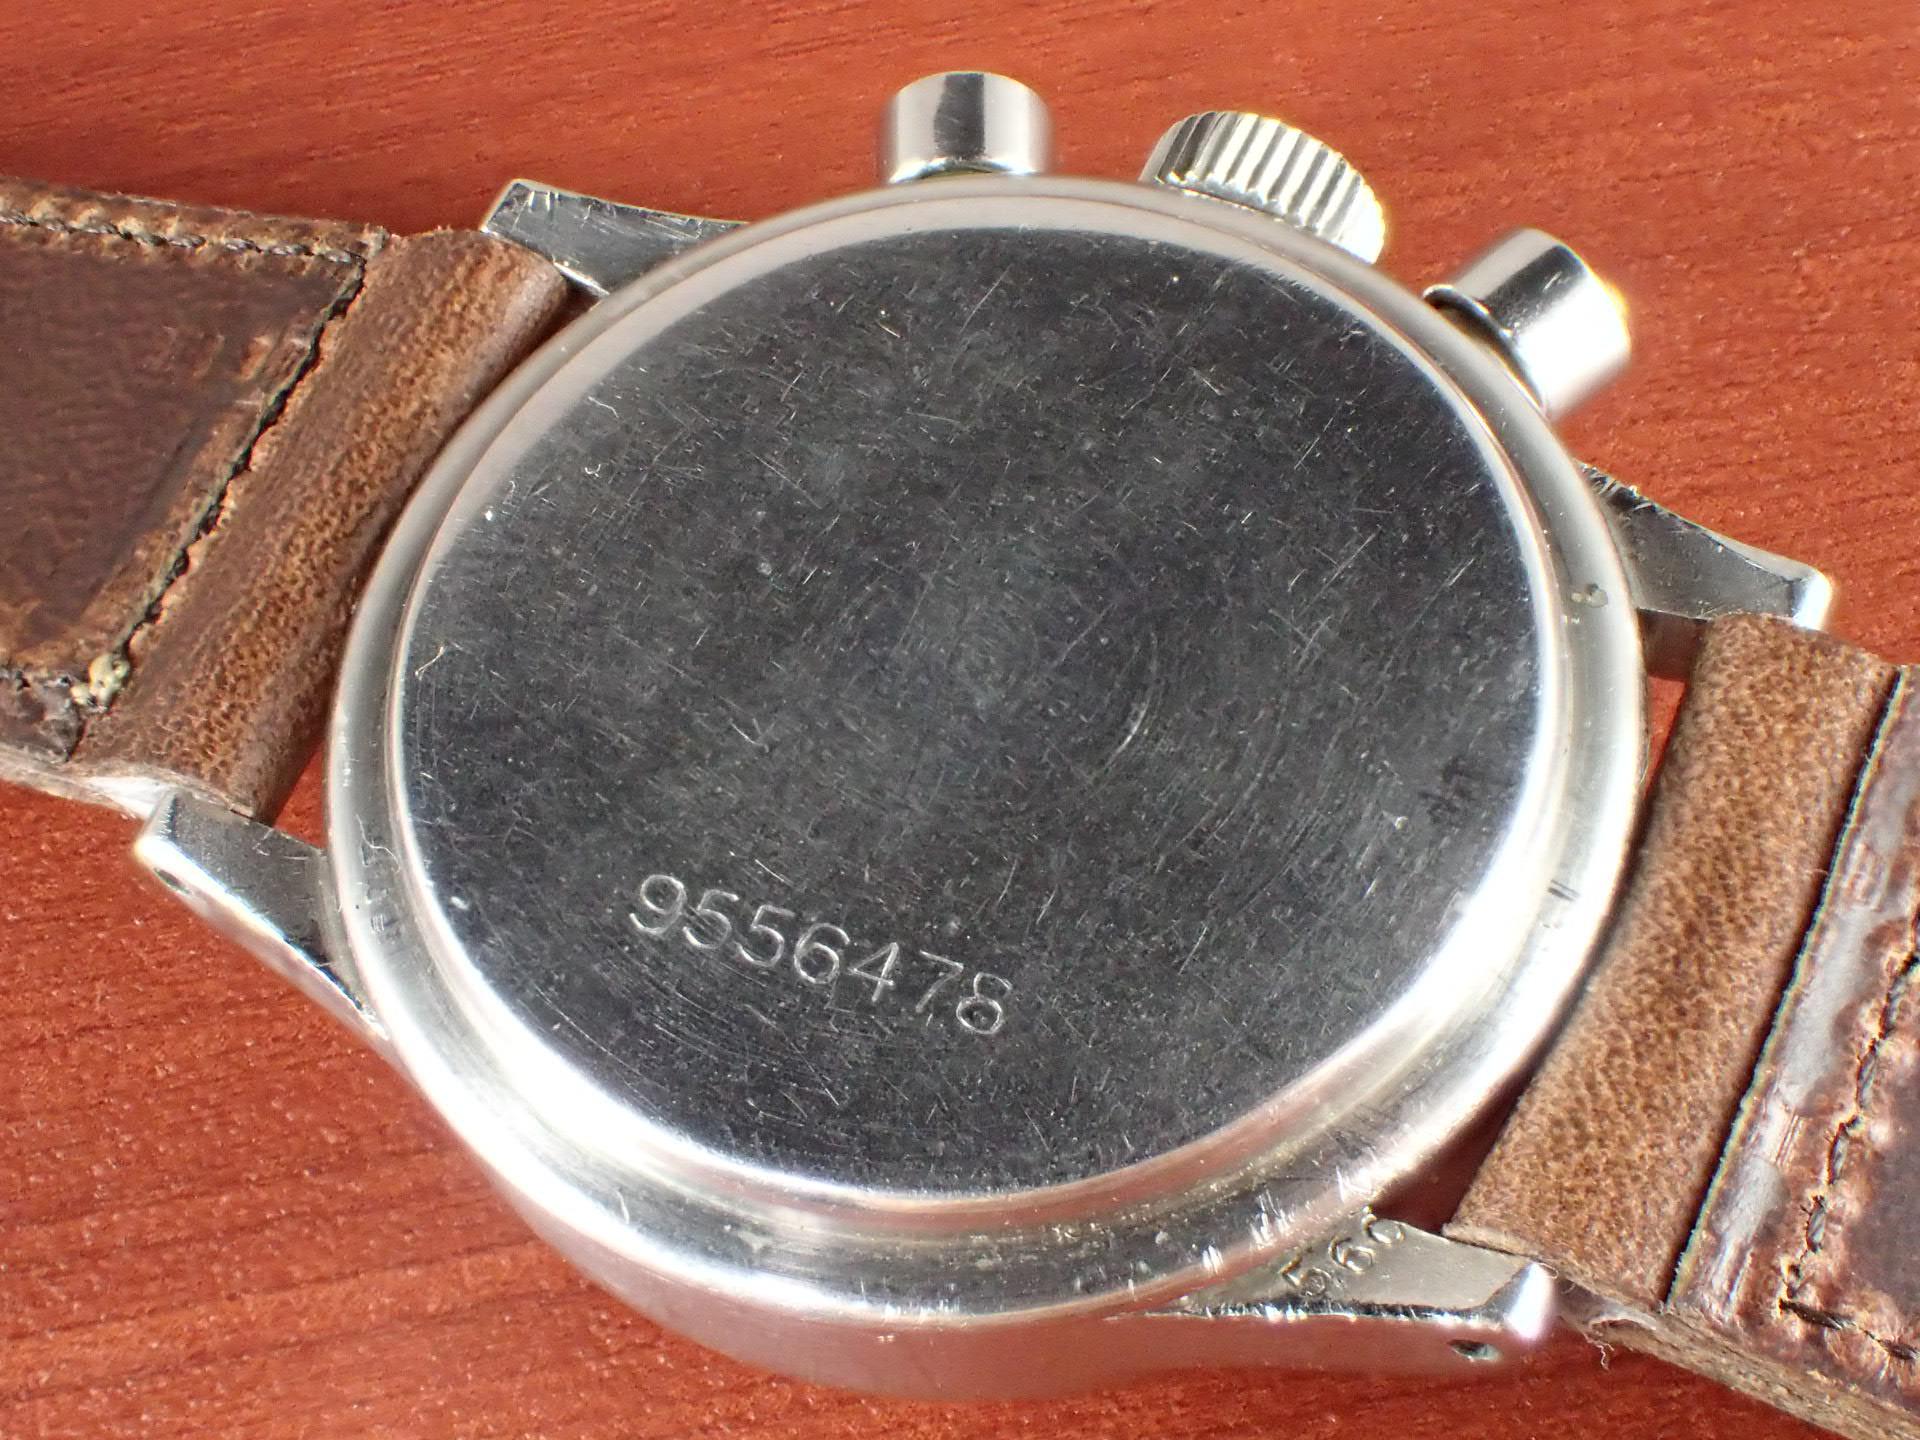 オメガ クロノグラフ キャリバー28.9 CHRO T3 防水ケース 1940年代の写真4枚目